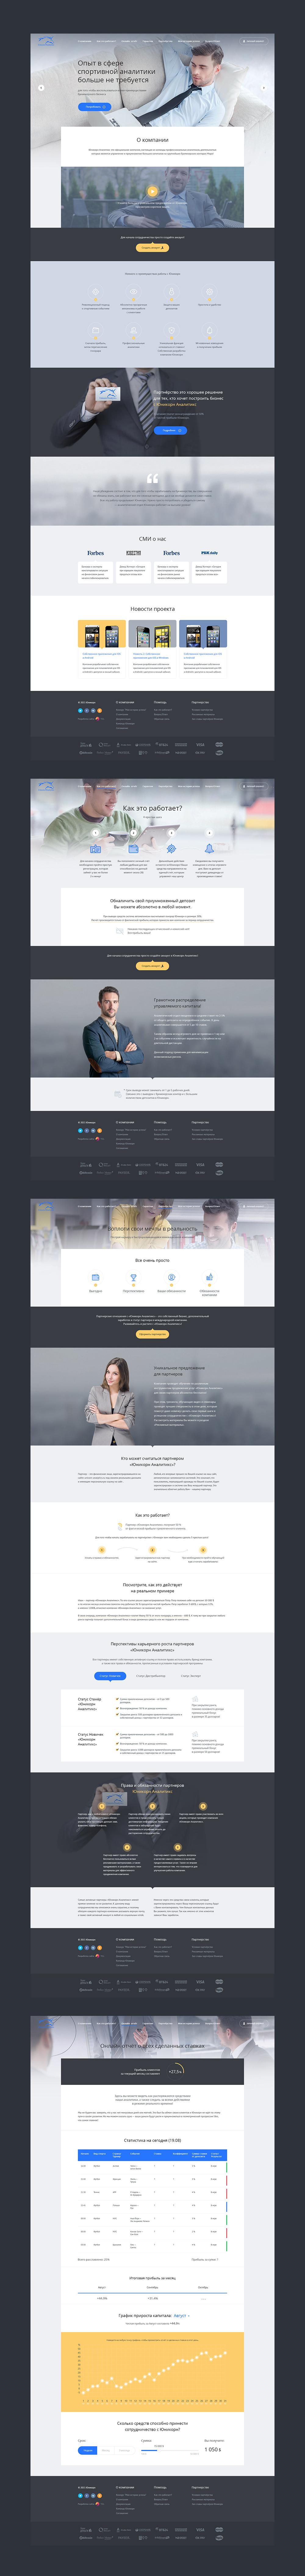 Дизайн корпоративного сайта ставок компании Юникорн Аналитикс